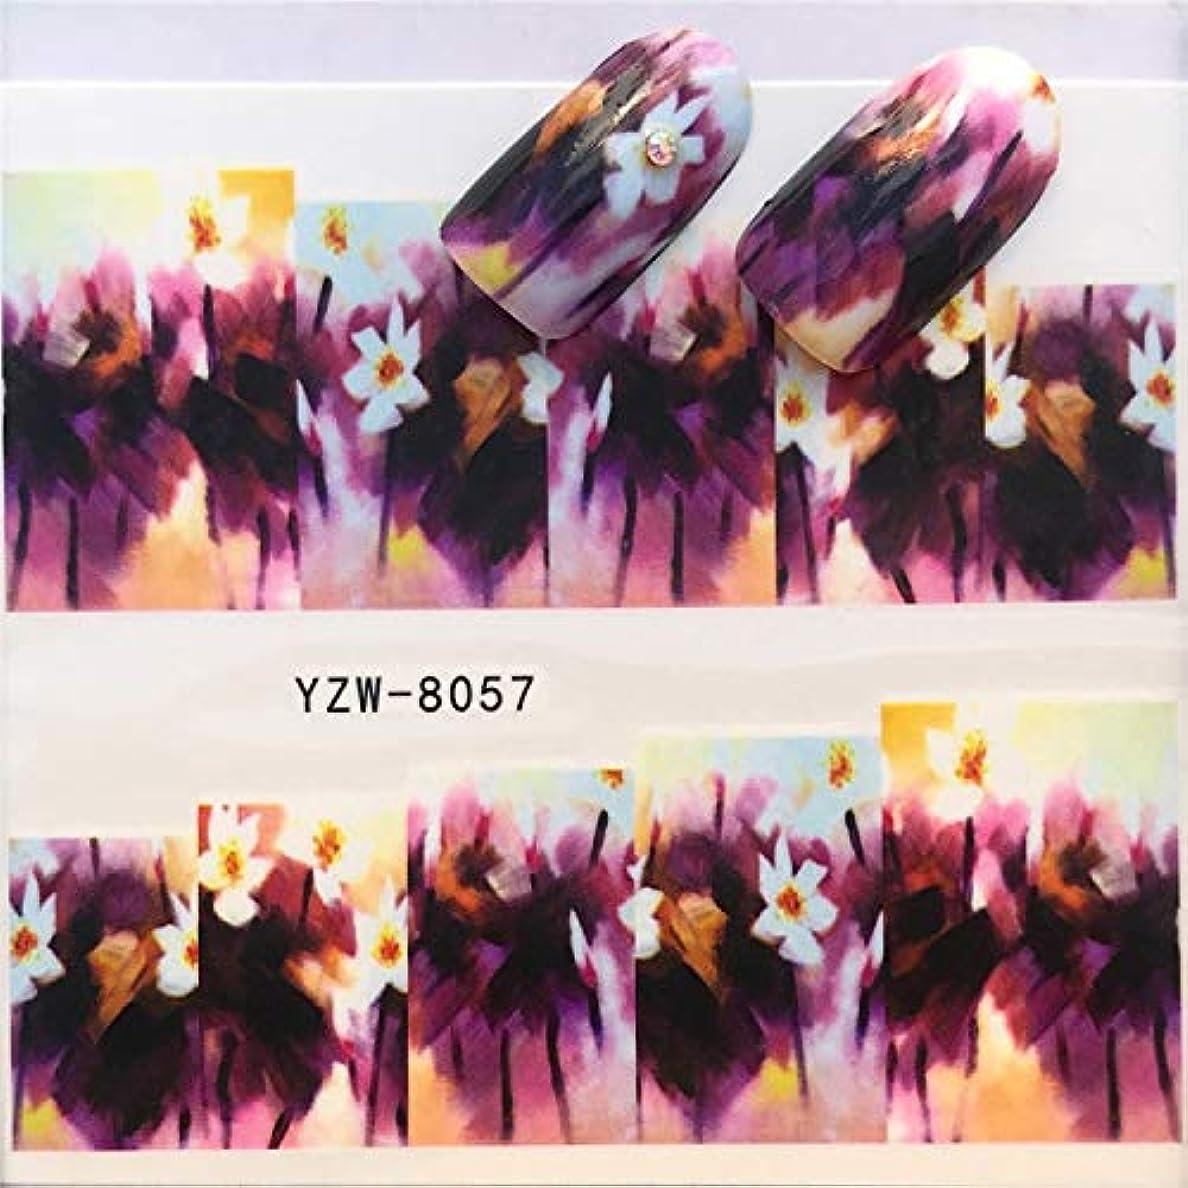 好きであるチャップ意気消沈したMEI1JIA CELINEZL 3ピースネイルステッカーセットデカールウォータースライダースライダーネイルアートデコレーション、色:YZW8057